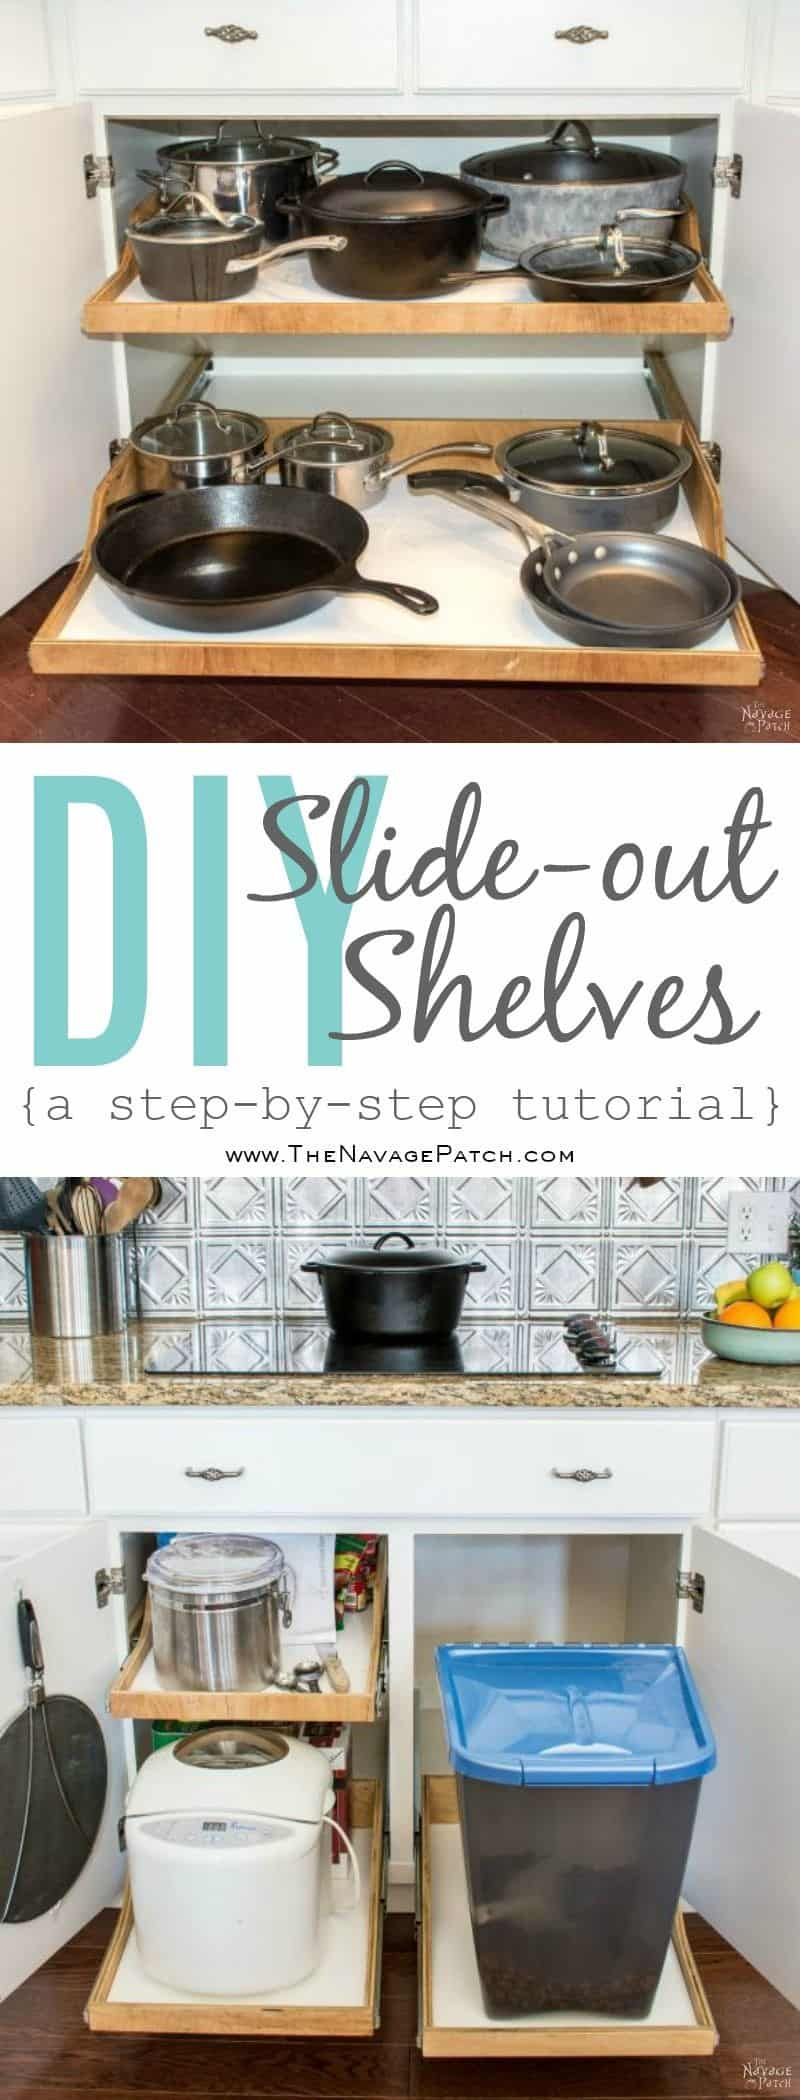 5 Slide Out Shelves 2 Simphome com